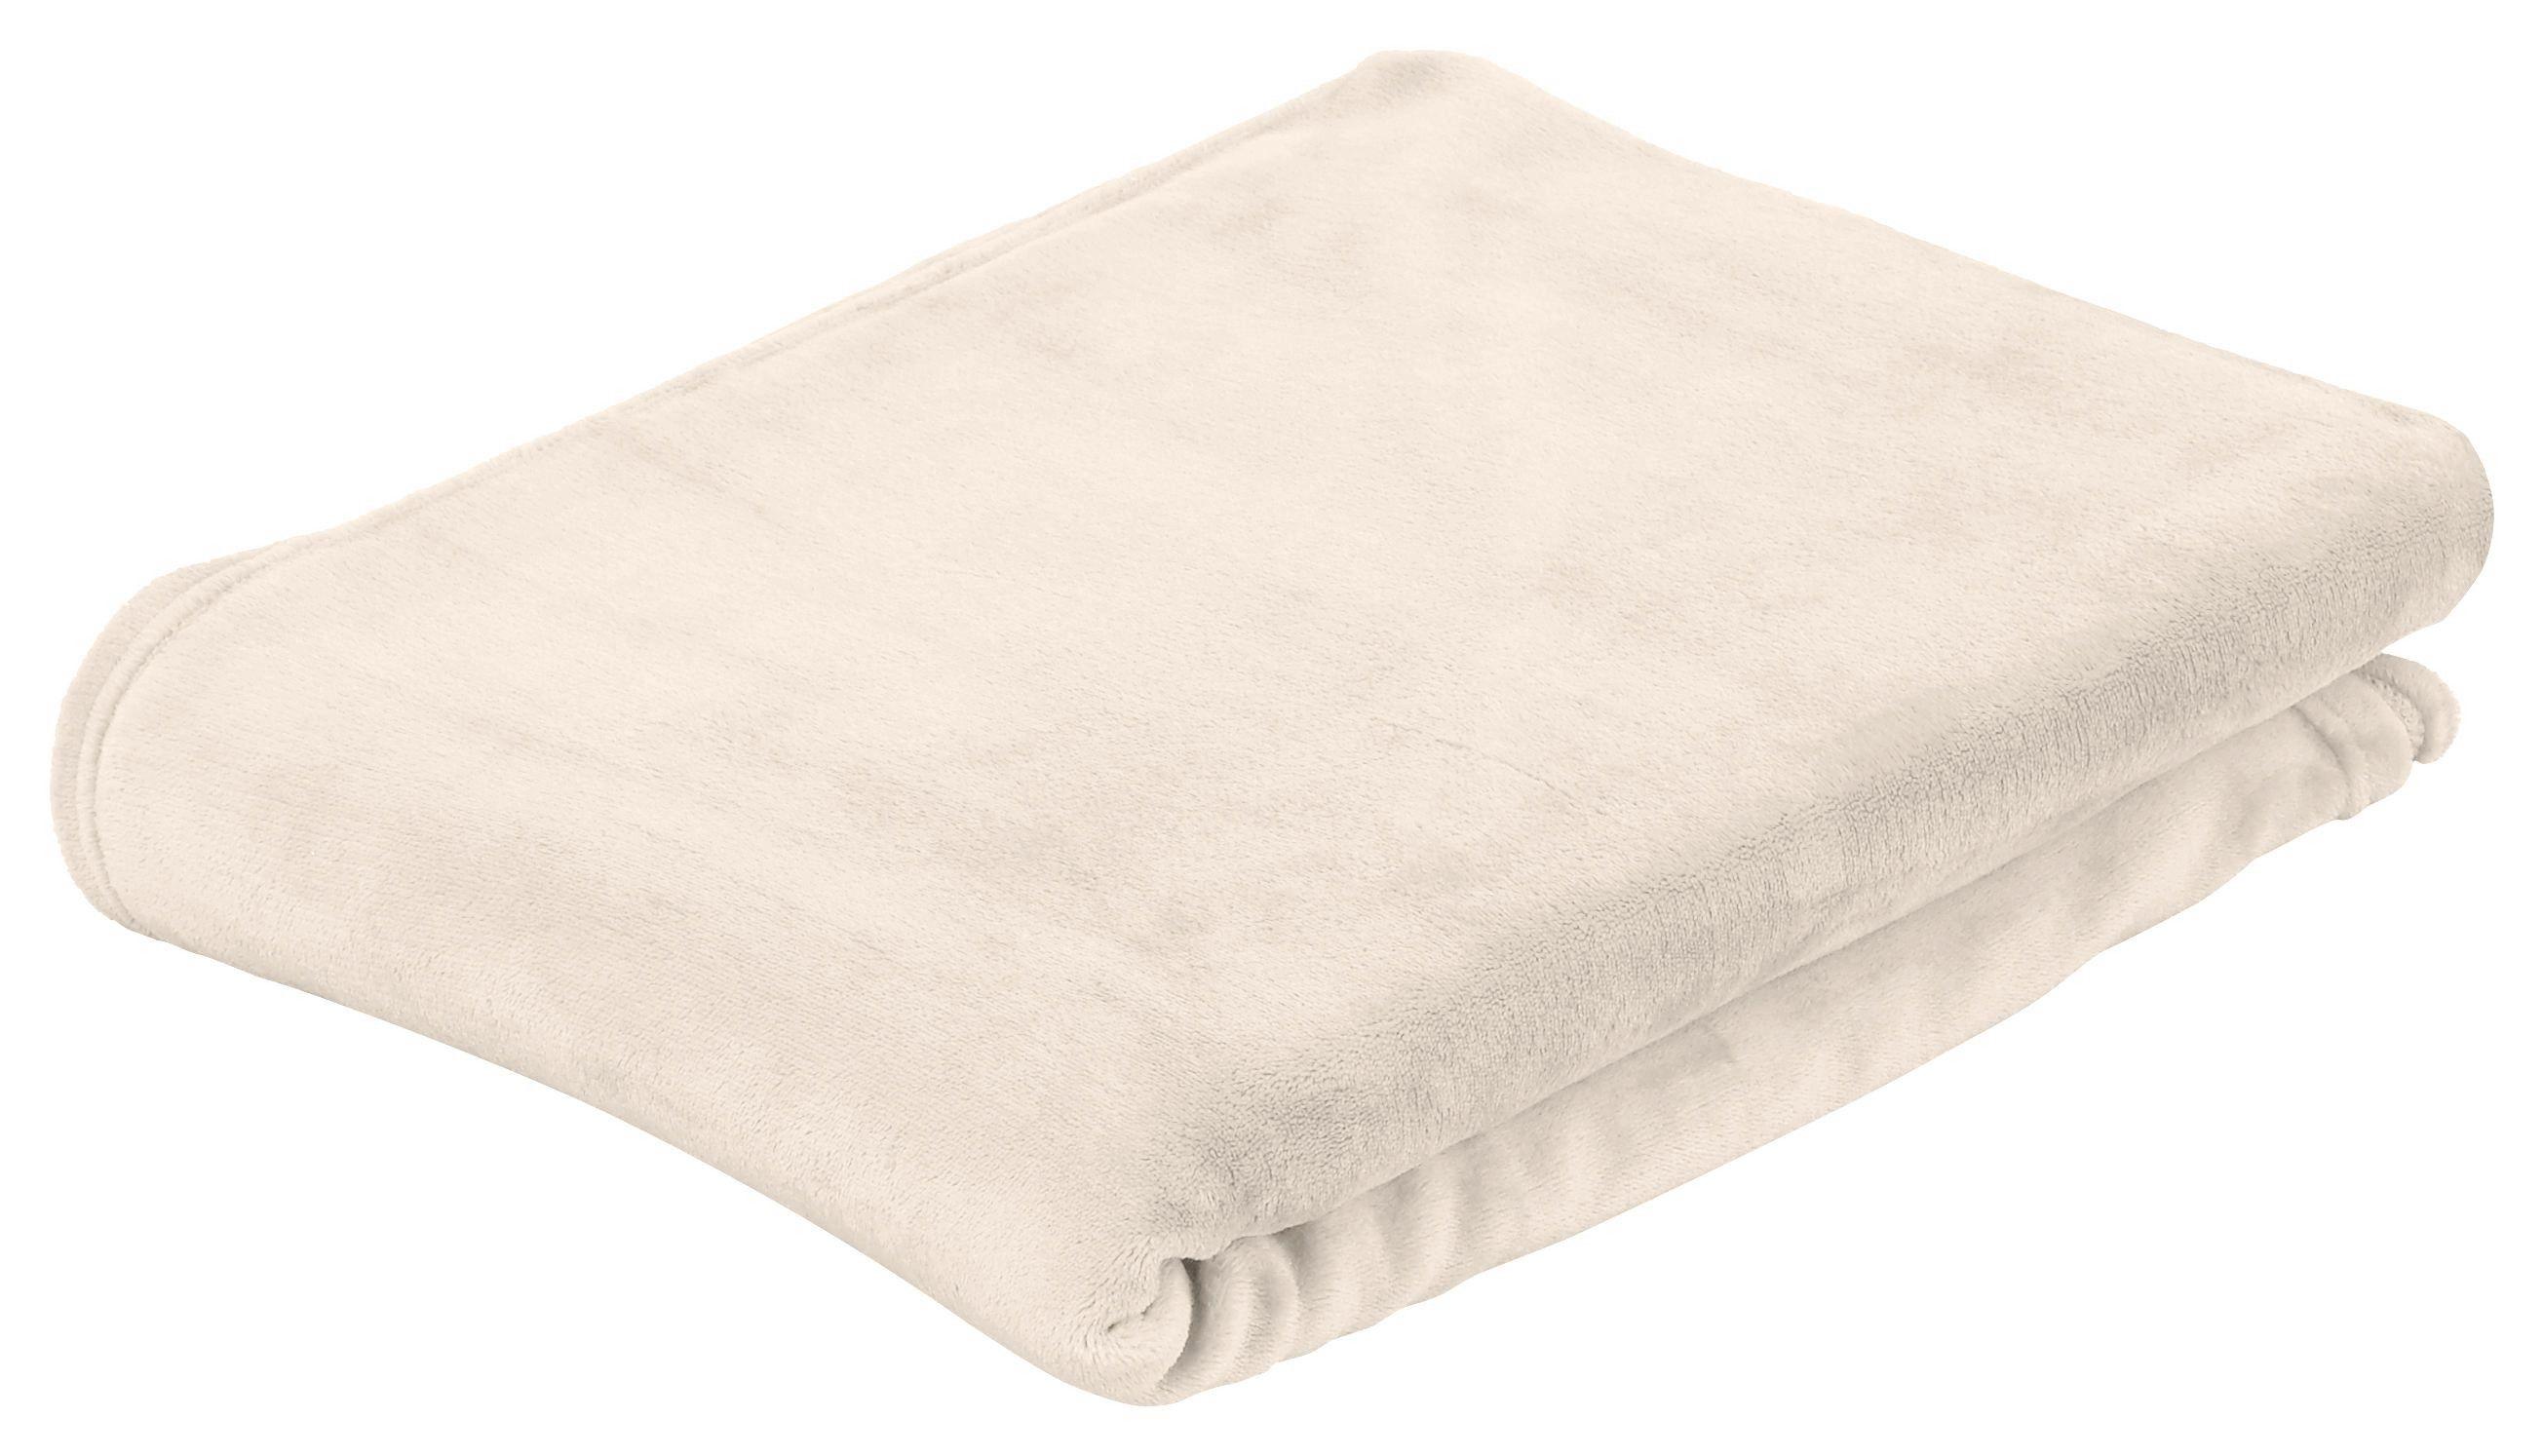 Kuscheldecke Marlies - Beige, KONVENTIONELL, Textil (150/200cm) - Luca Bessoni